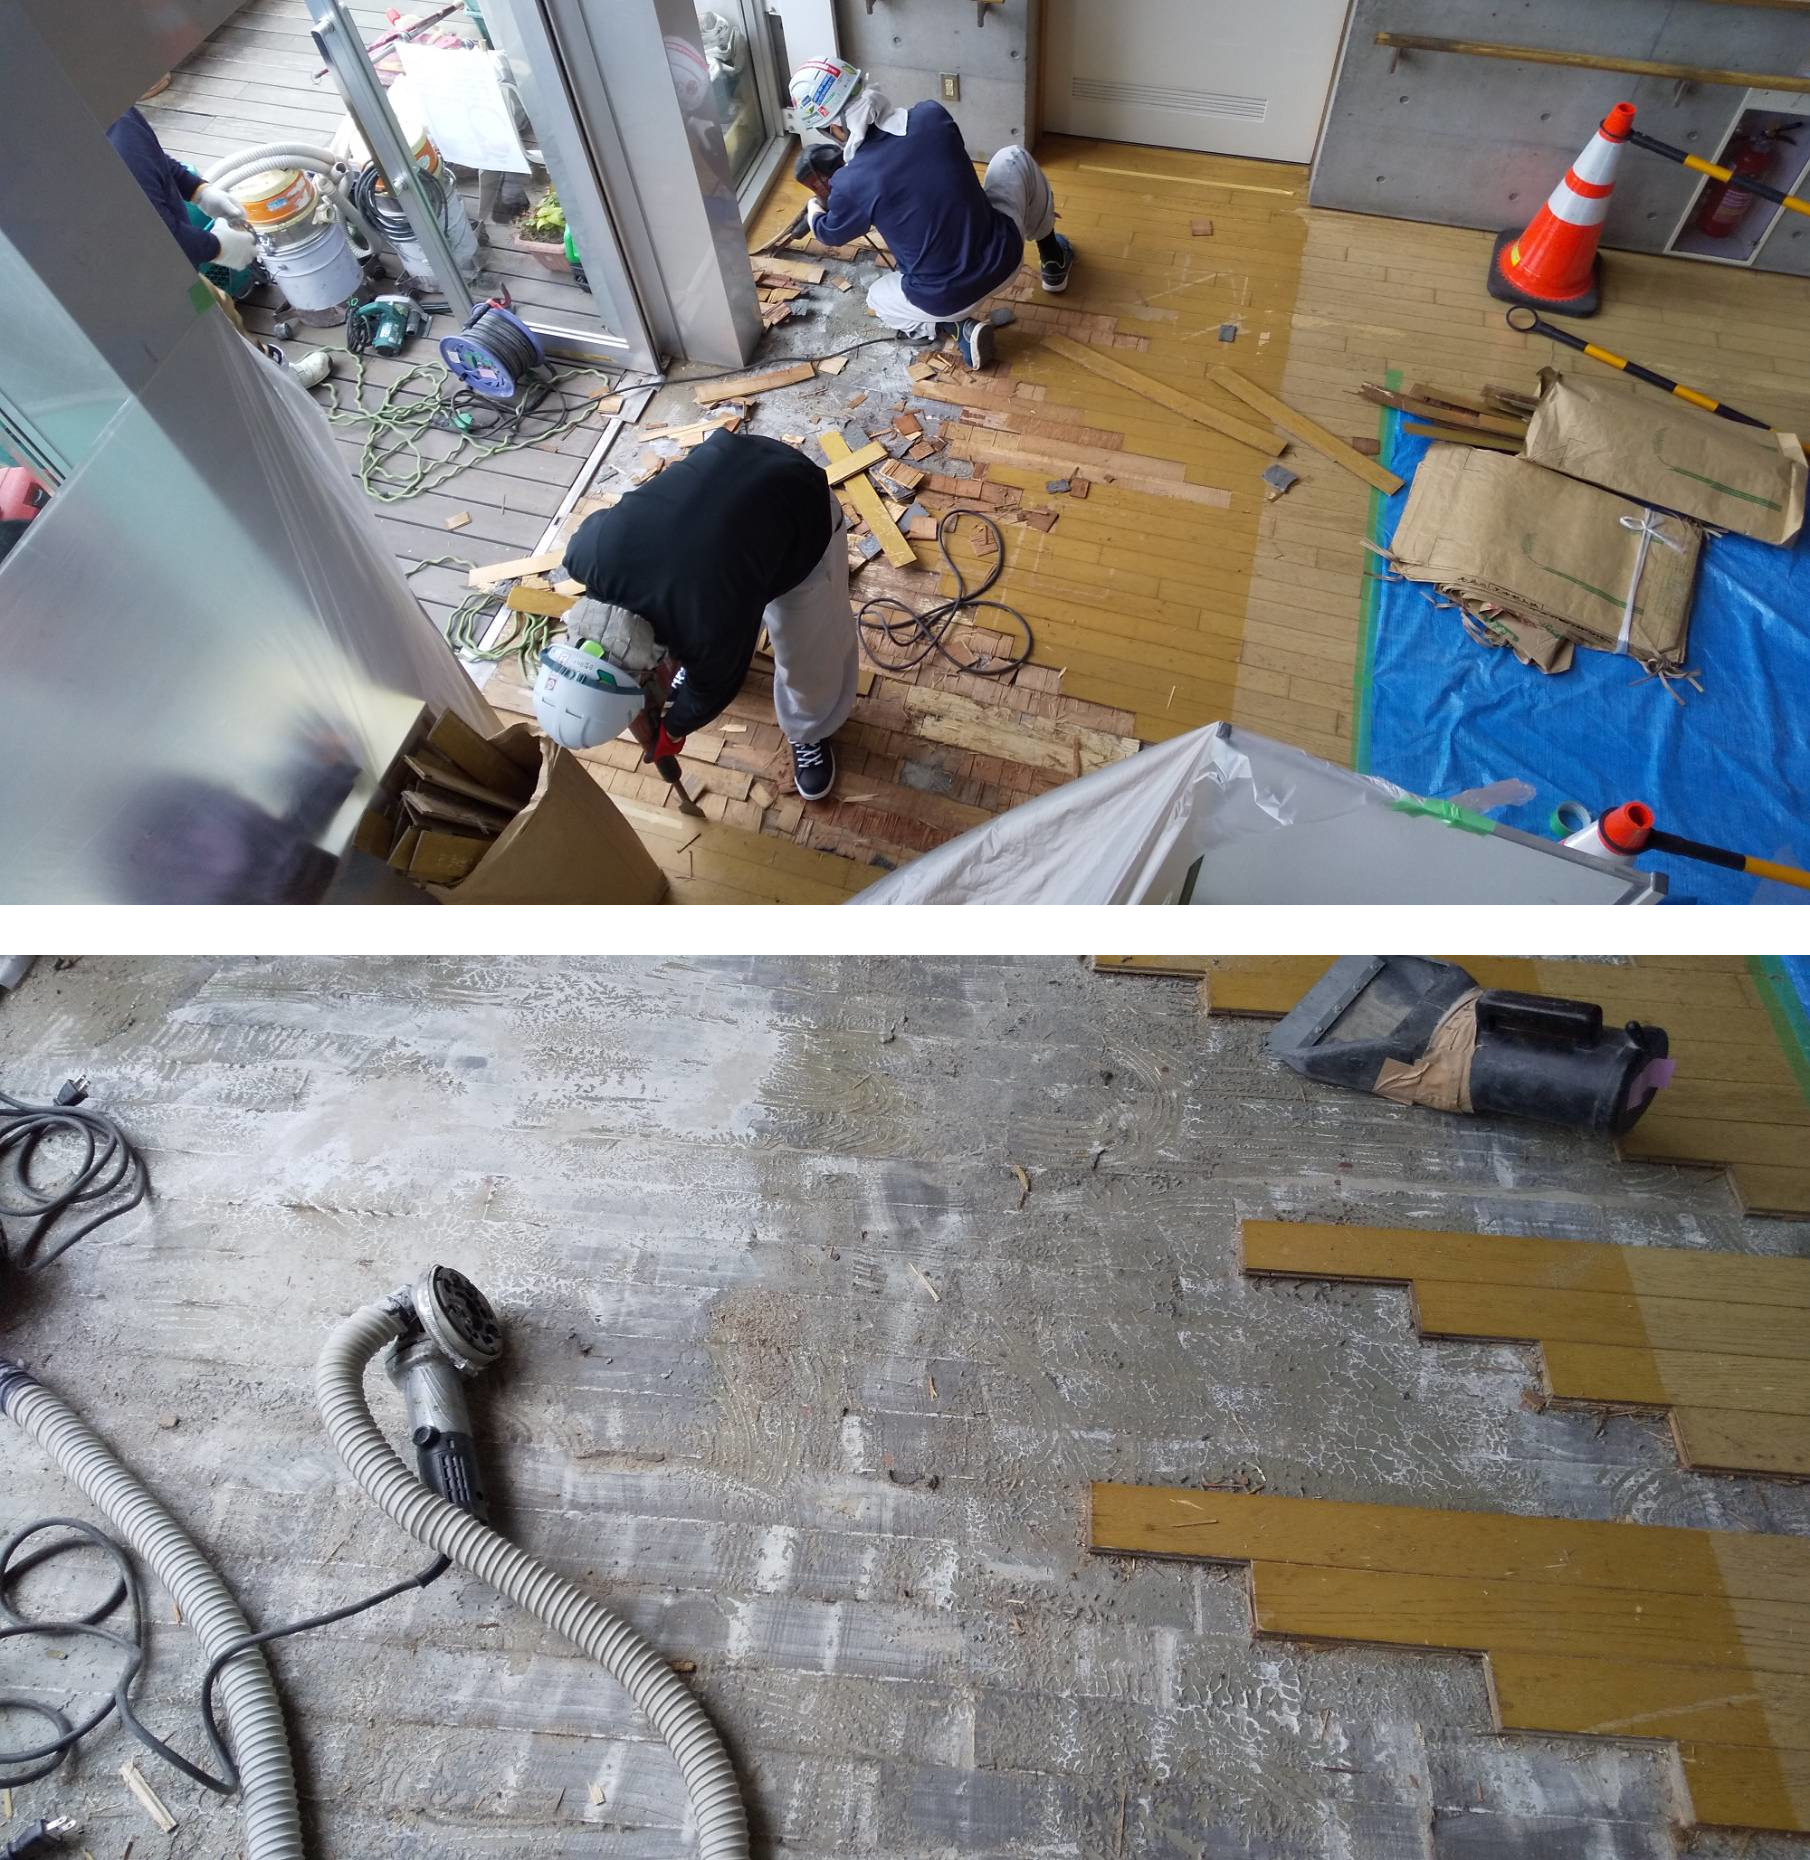 木床材の剥がしと残存接着剤の研磨除去